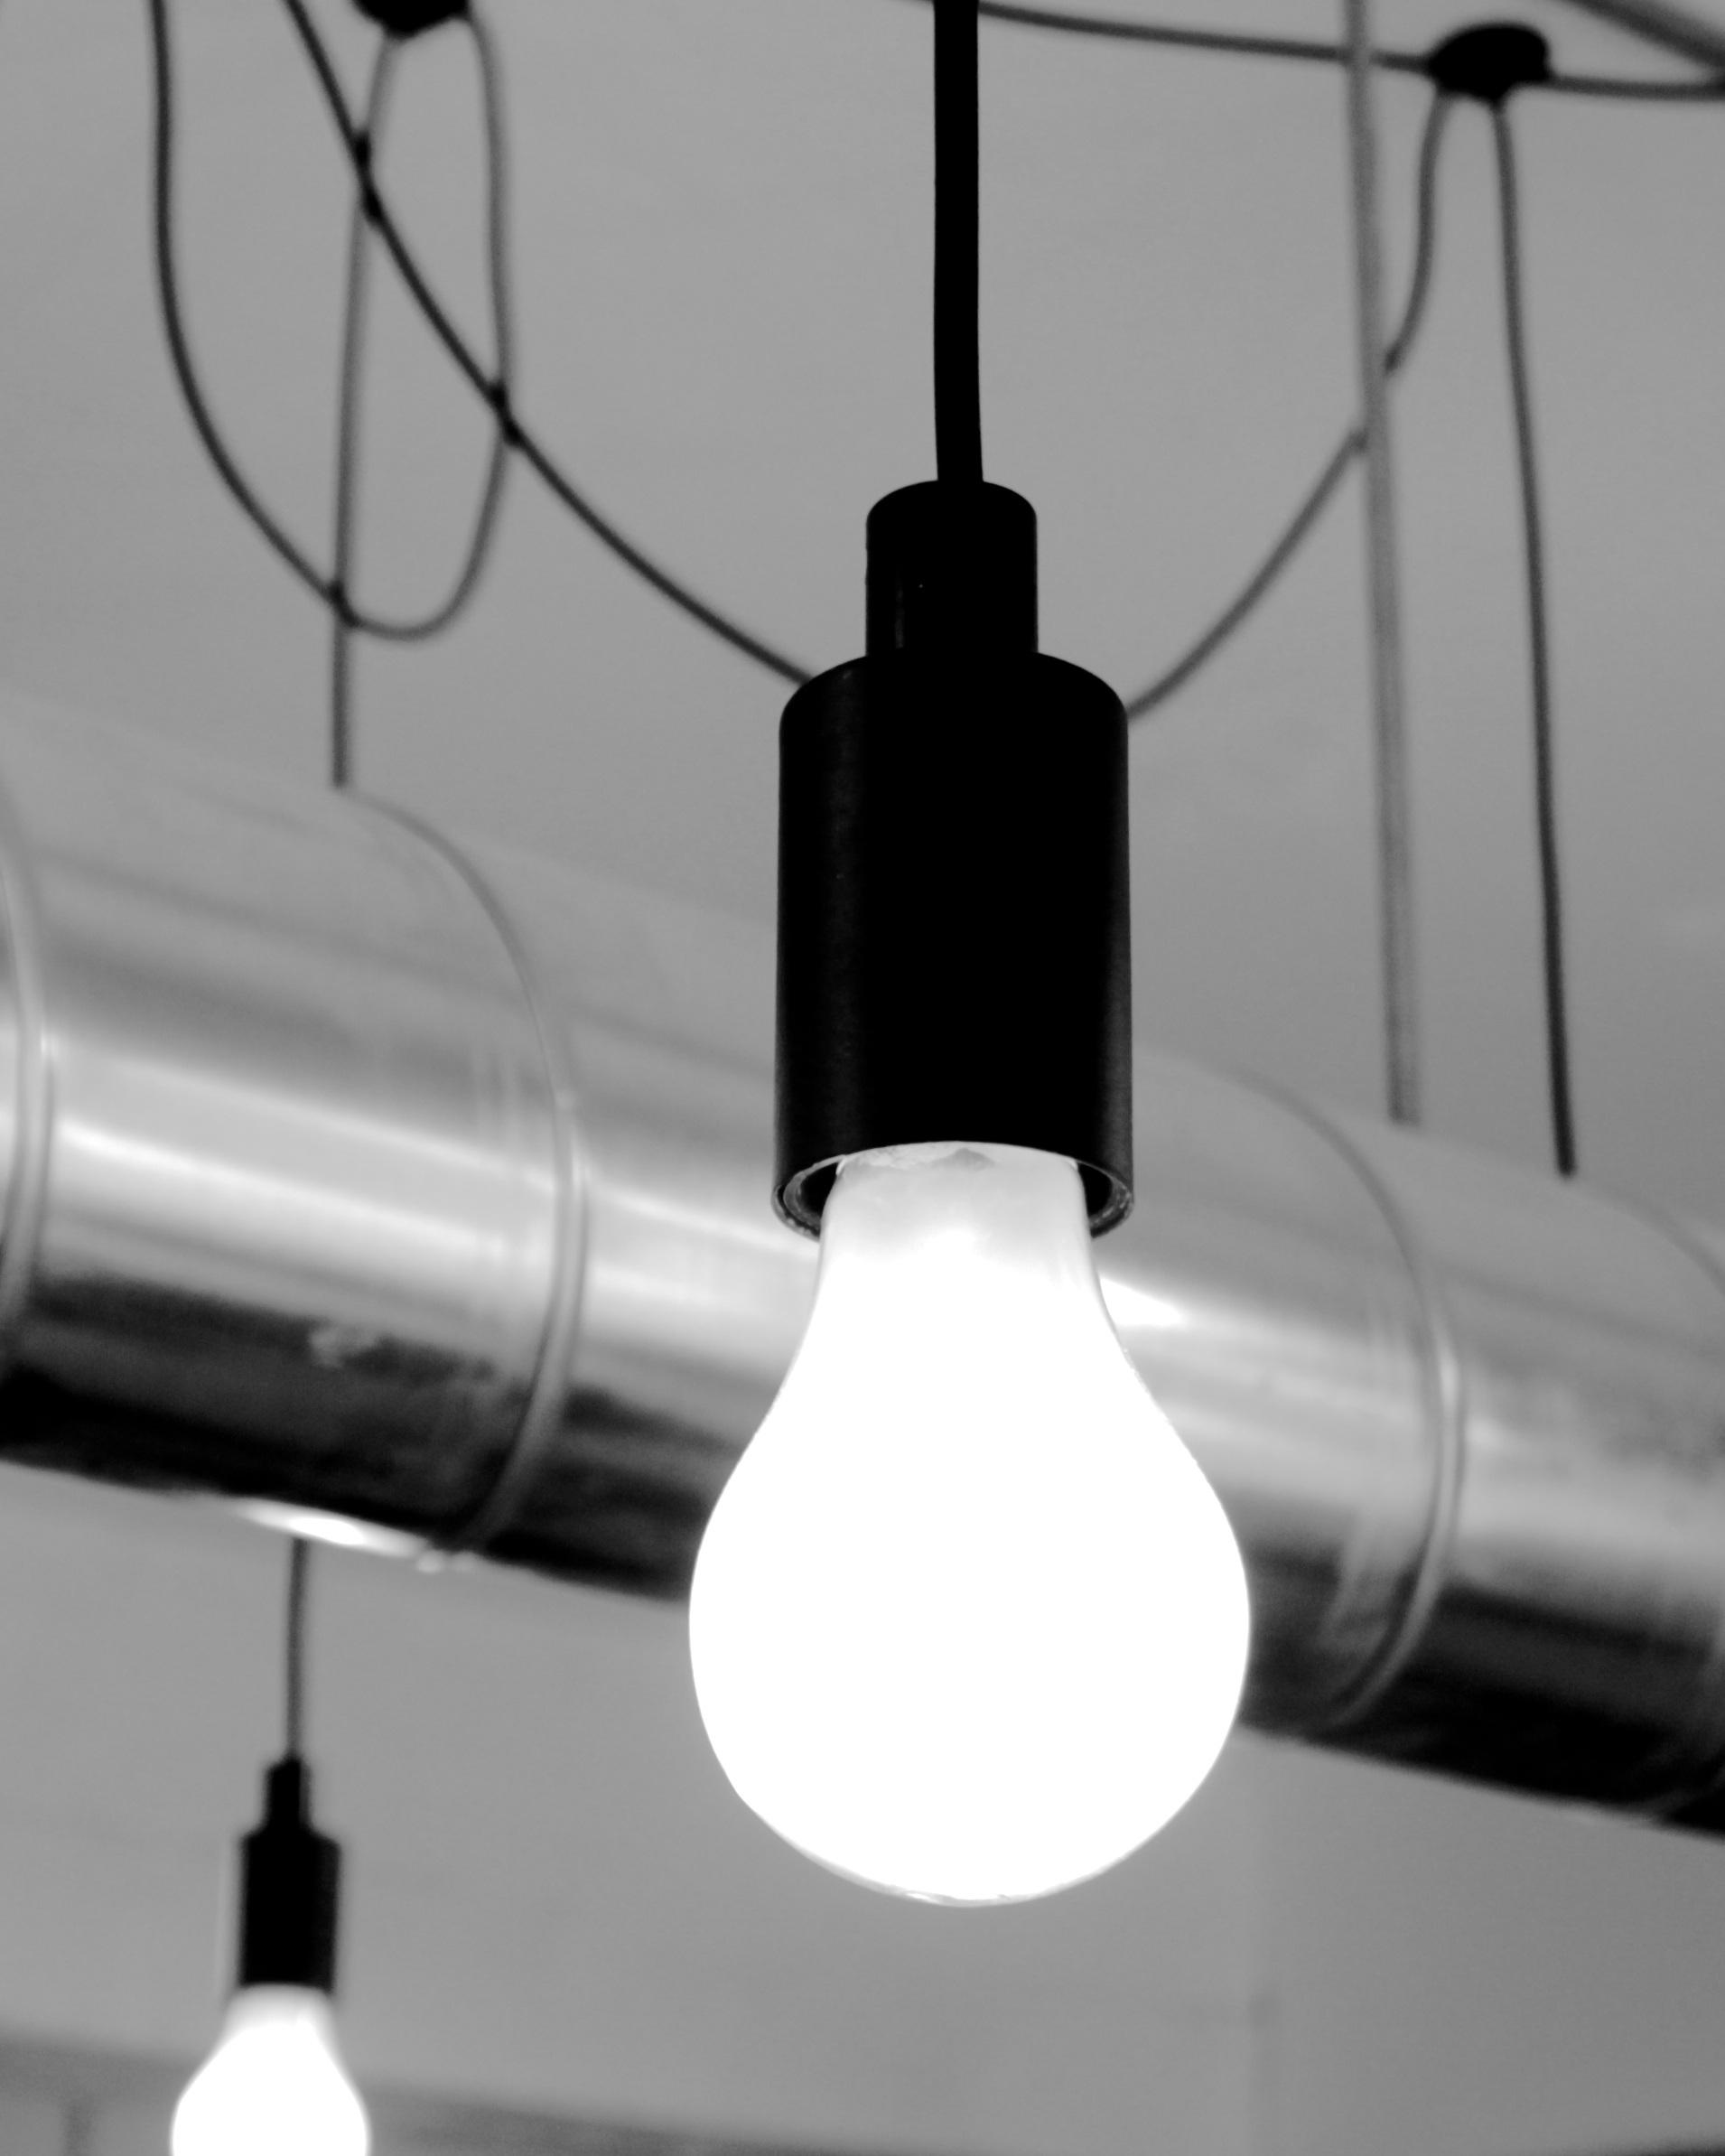 Kostenlose foto : Licht, Schwarz und weiß, Glas, Birne, Lampe ...